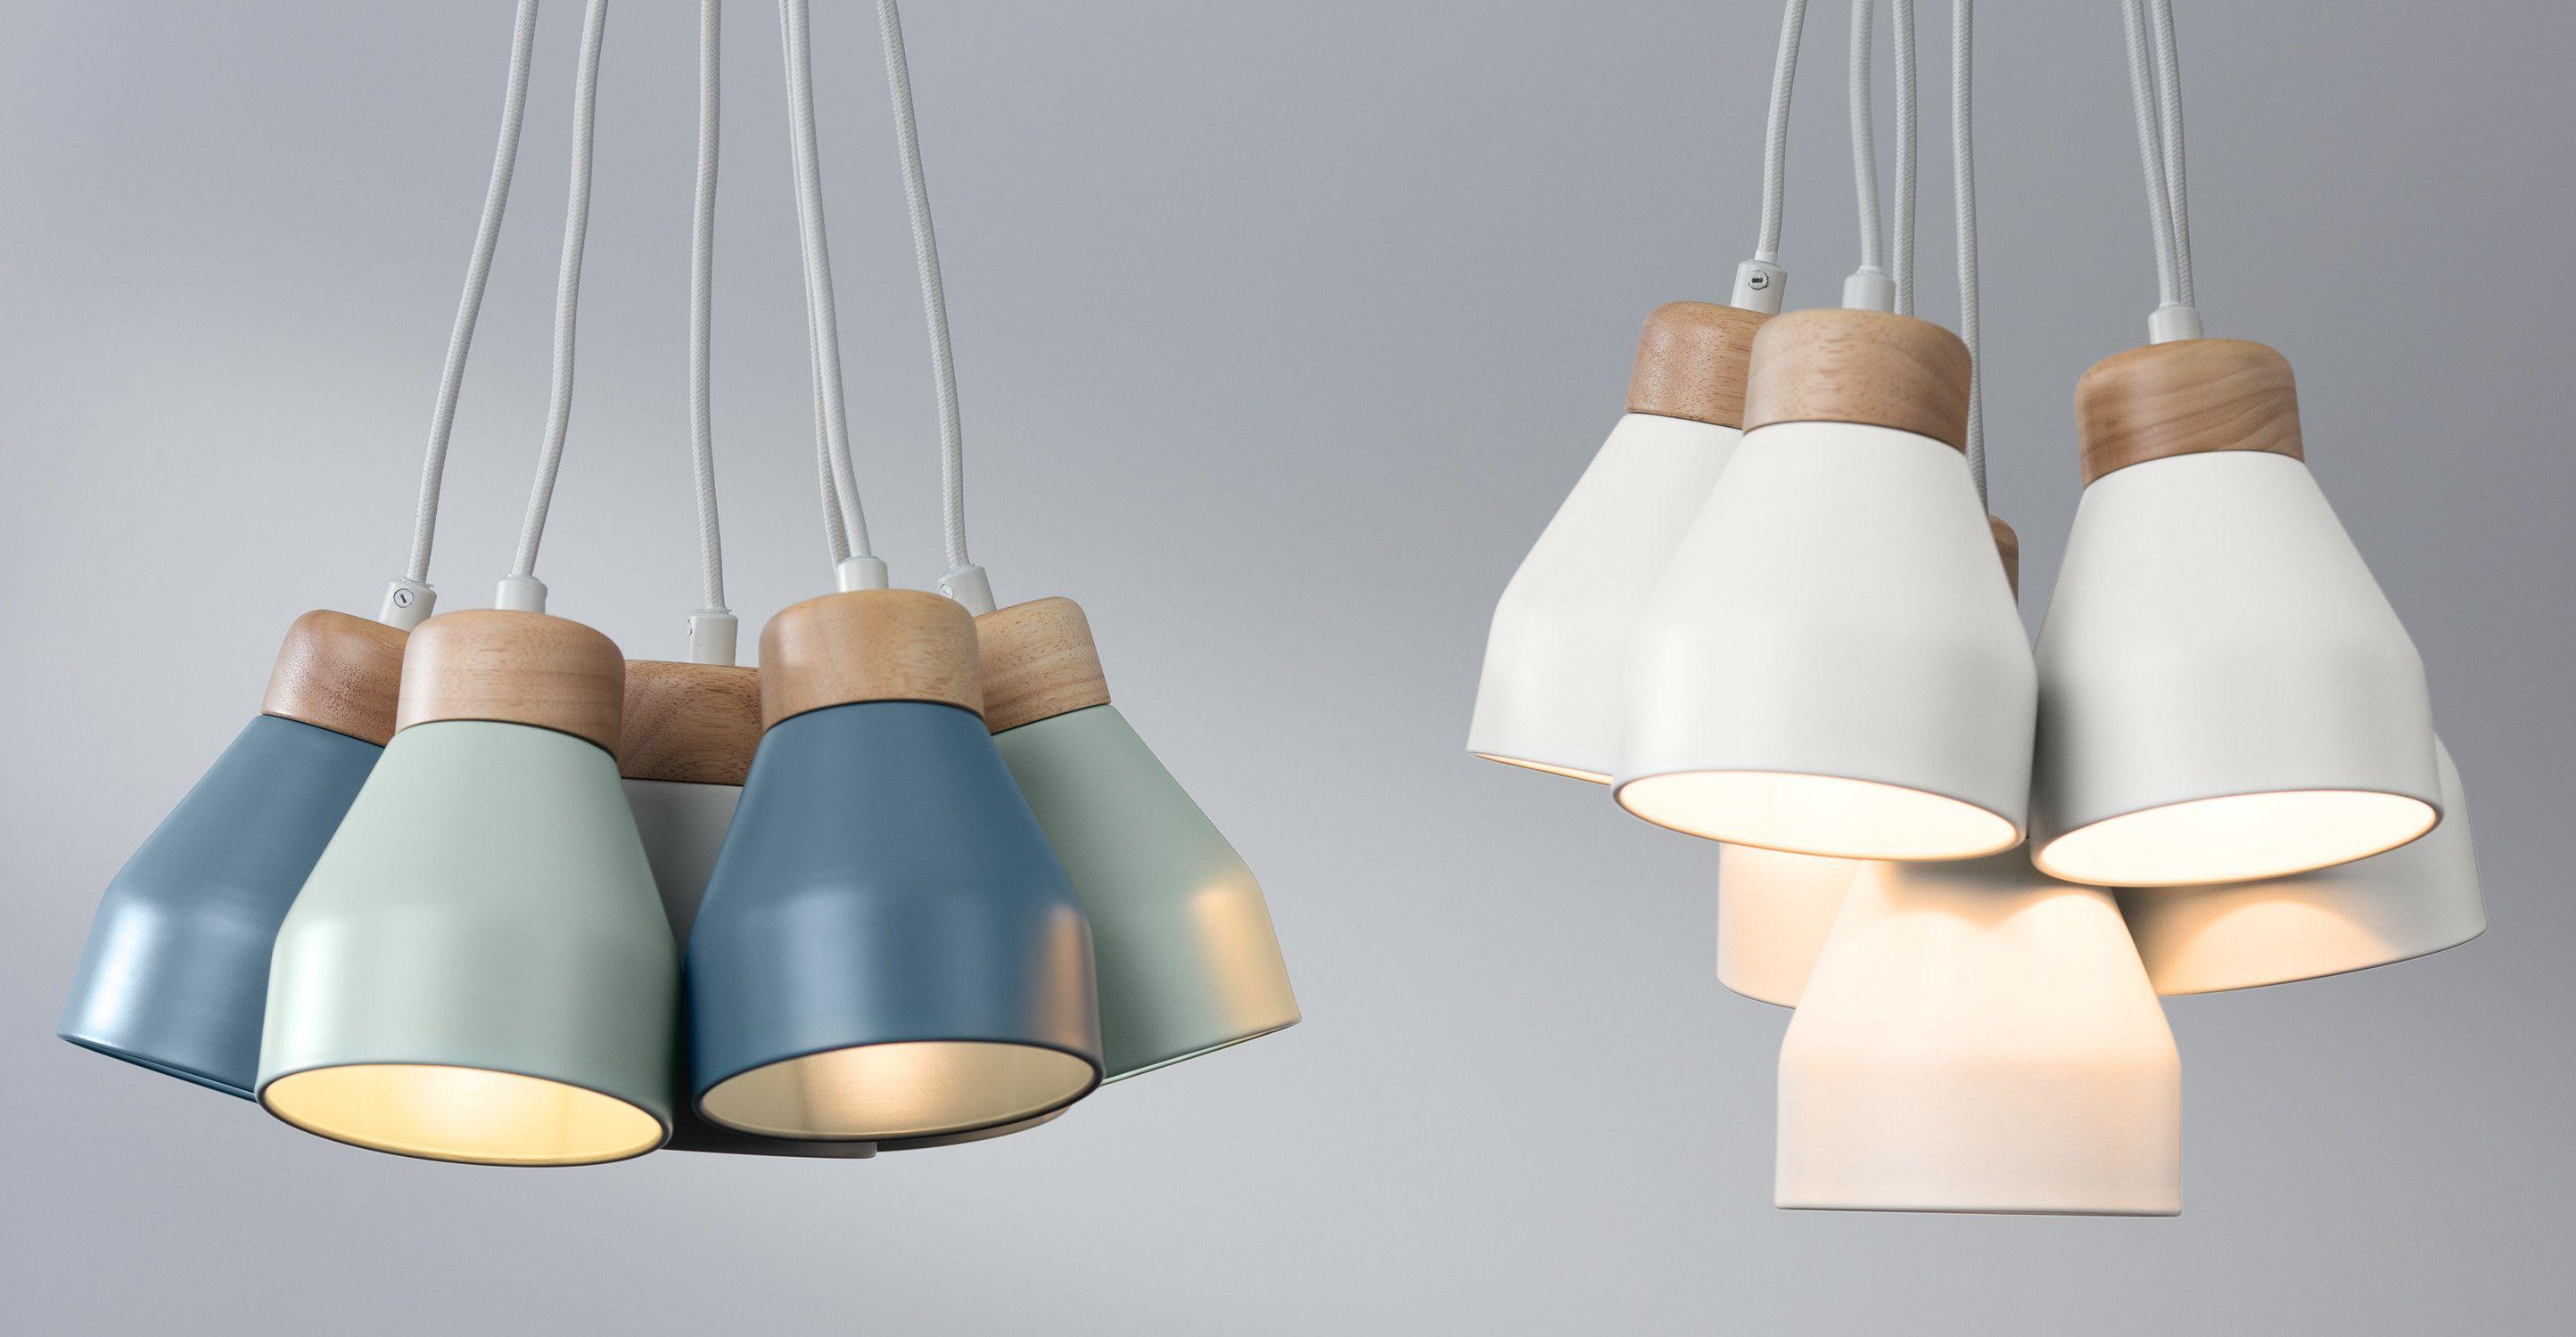 Albert Cluster Pendant Lamp Muted Grey Dusk Blue And Duck Egg Made Com Skandinavische Pendelleuchten Design Lampen Deckenleuchte Kinderzimmer